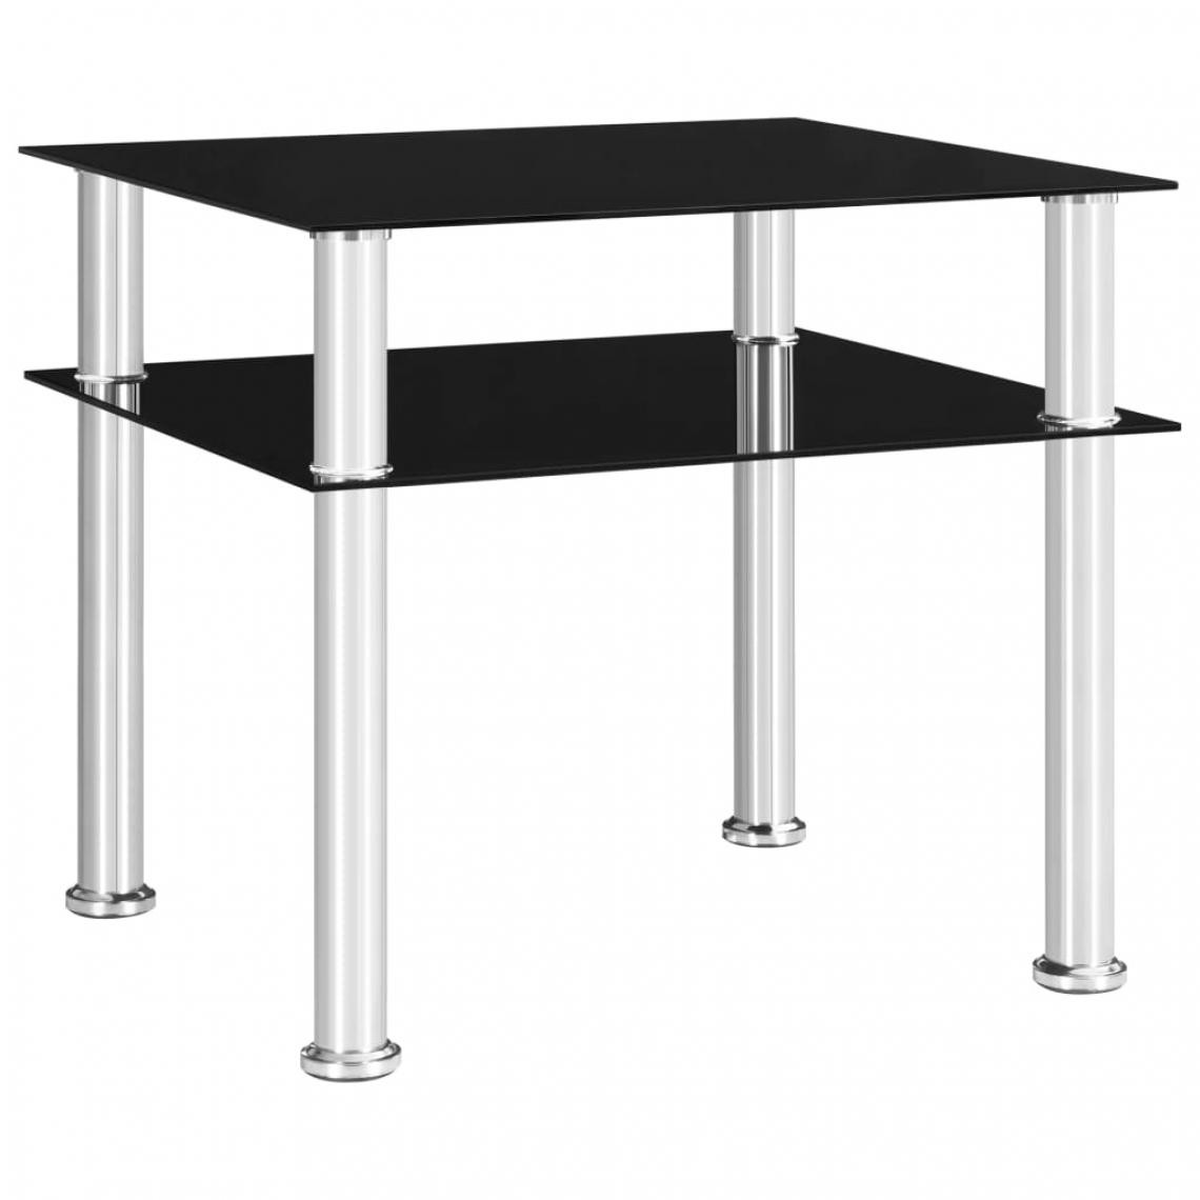 Vidaxl vidaXL Table d'appoint Noir 45x50x45 cm Verre trempé